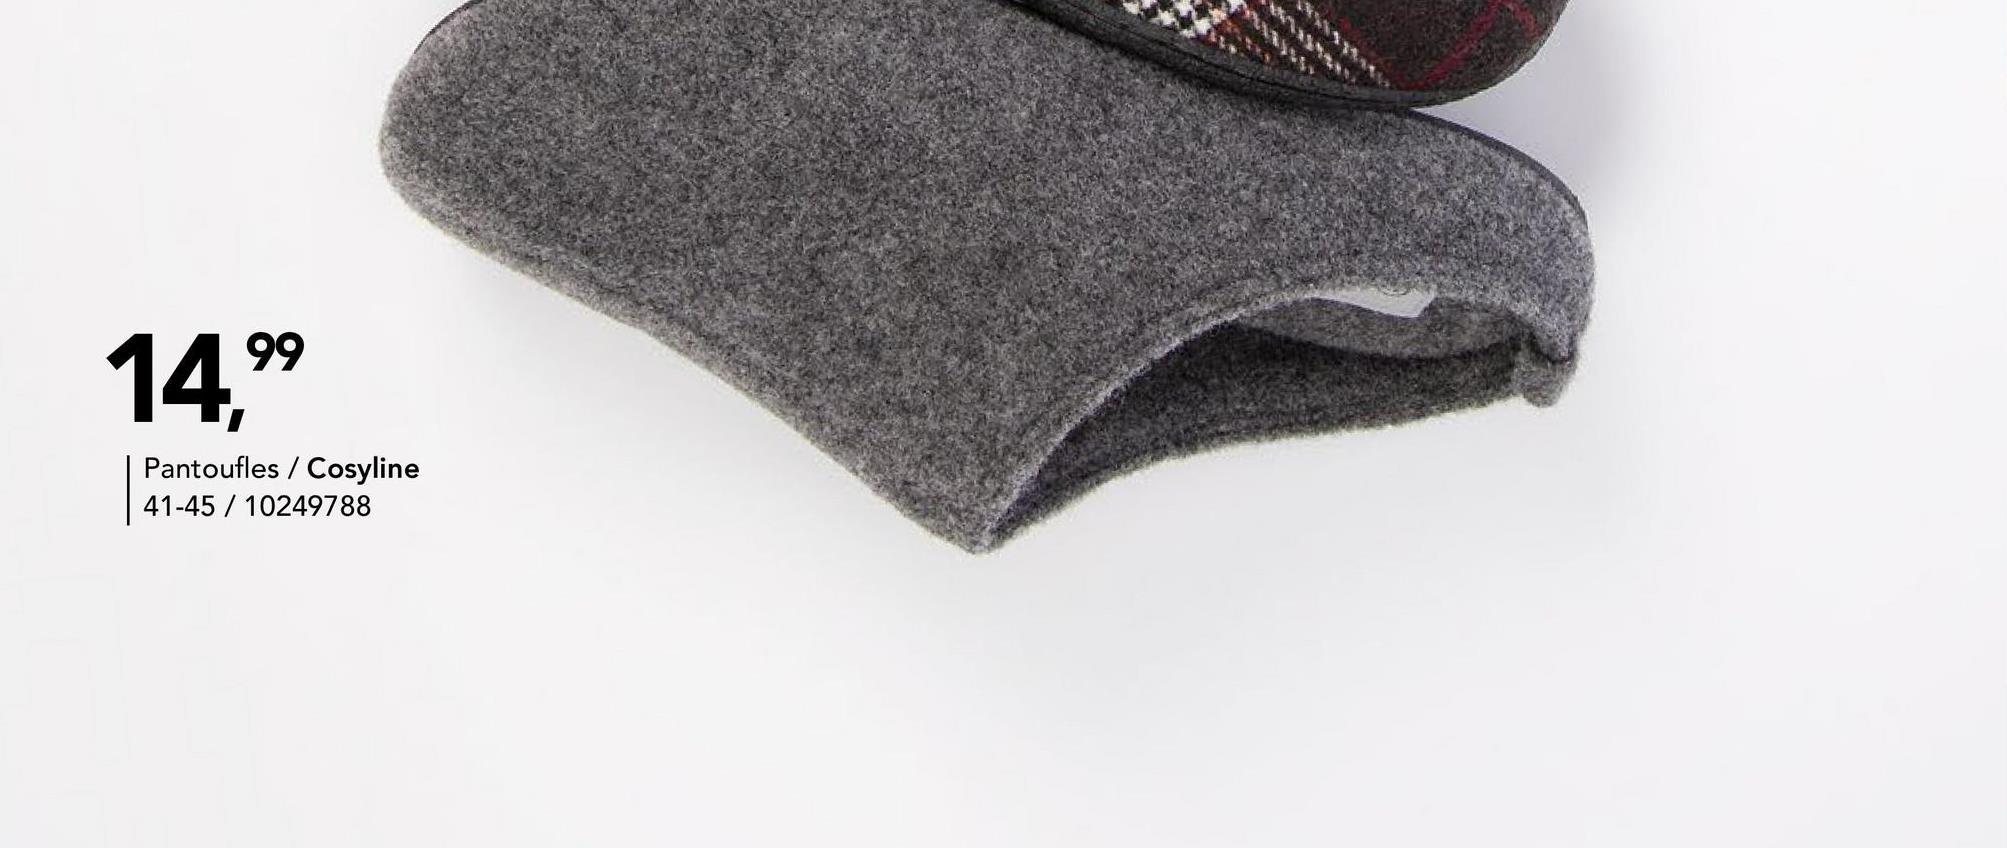 Pantoufle Cosy Line - Gris foncé Pantoufle Cosy Line. Chez Bristol, vous achetez de la mode à bon prix pour toute la famille ! Vêtements, chaussures, accessoires et articles de sport.